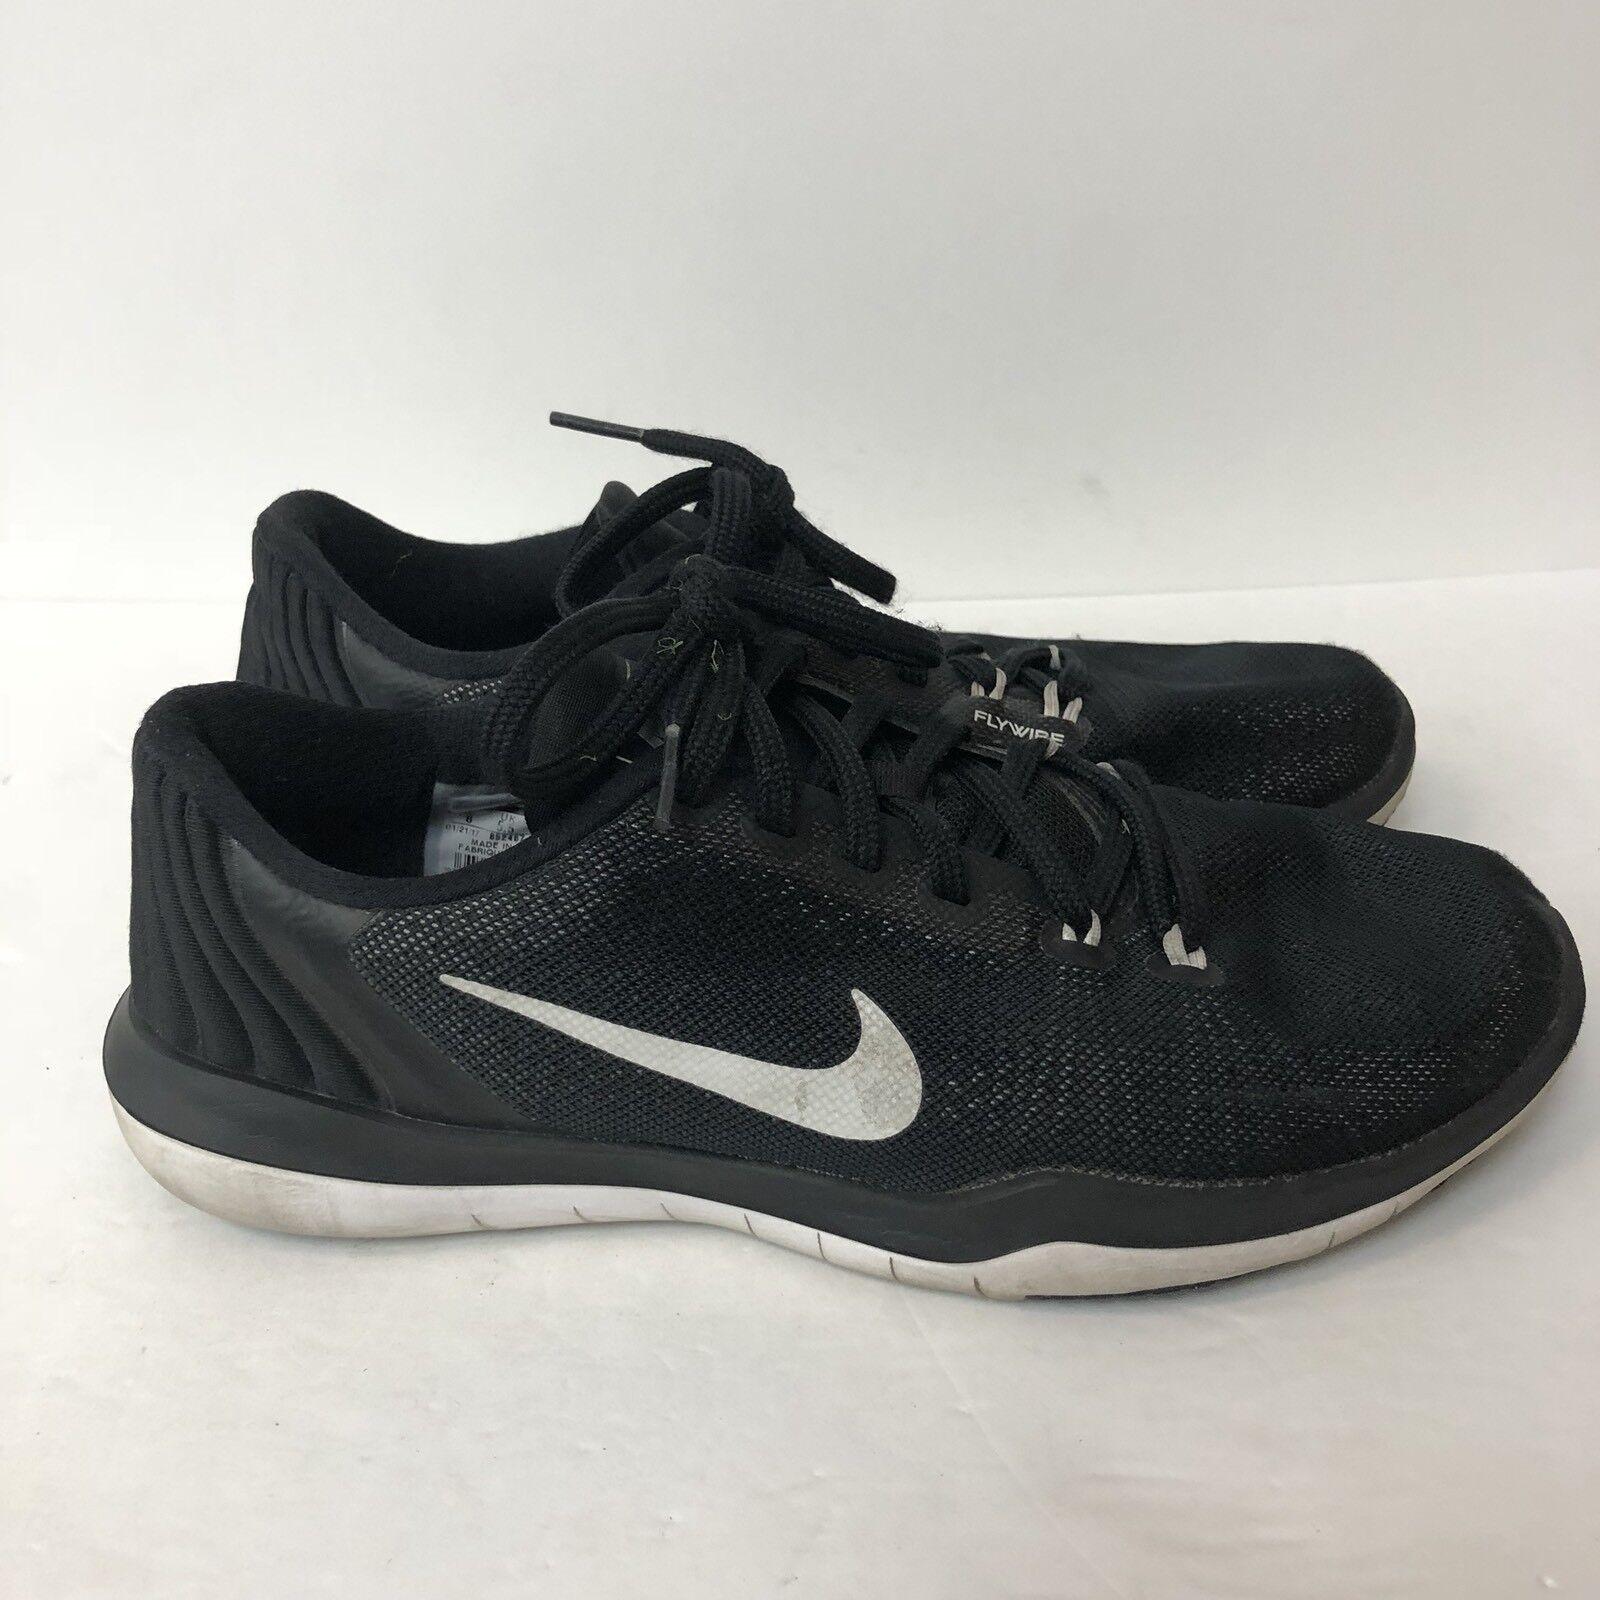 - des chaussures nike des tr 5 suprême des des des baskets taille 8 85c651